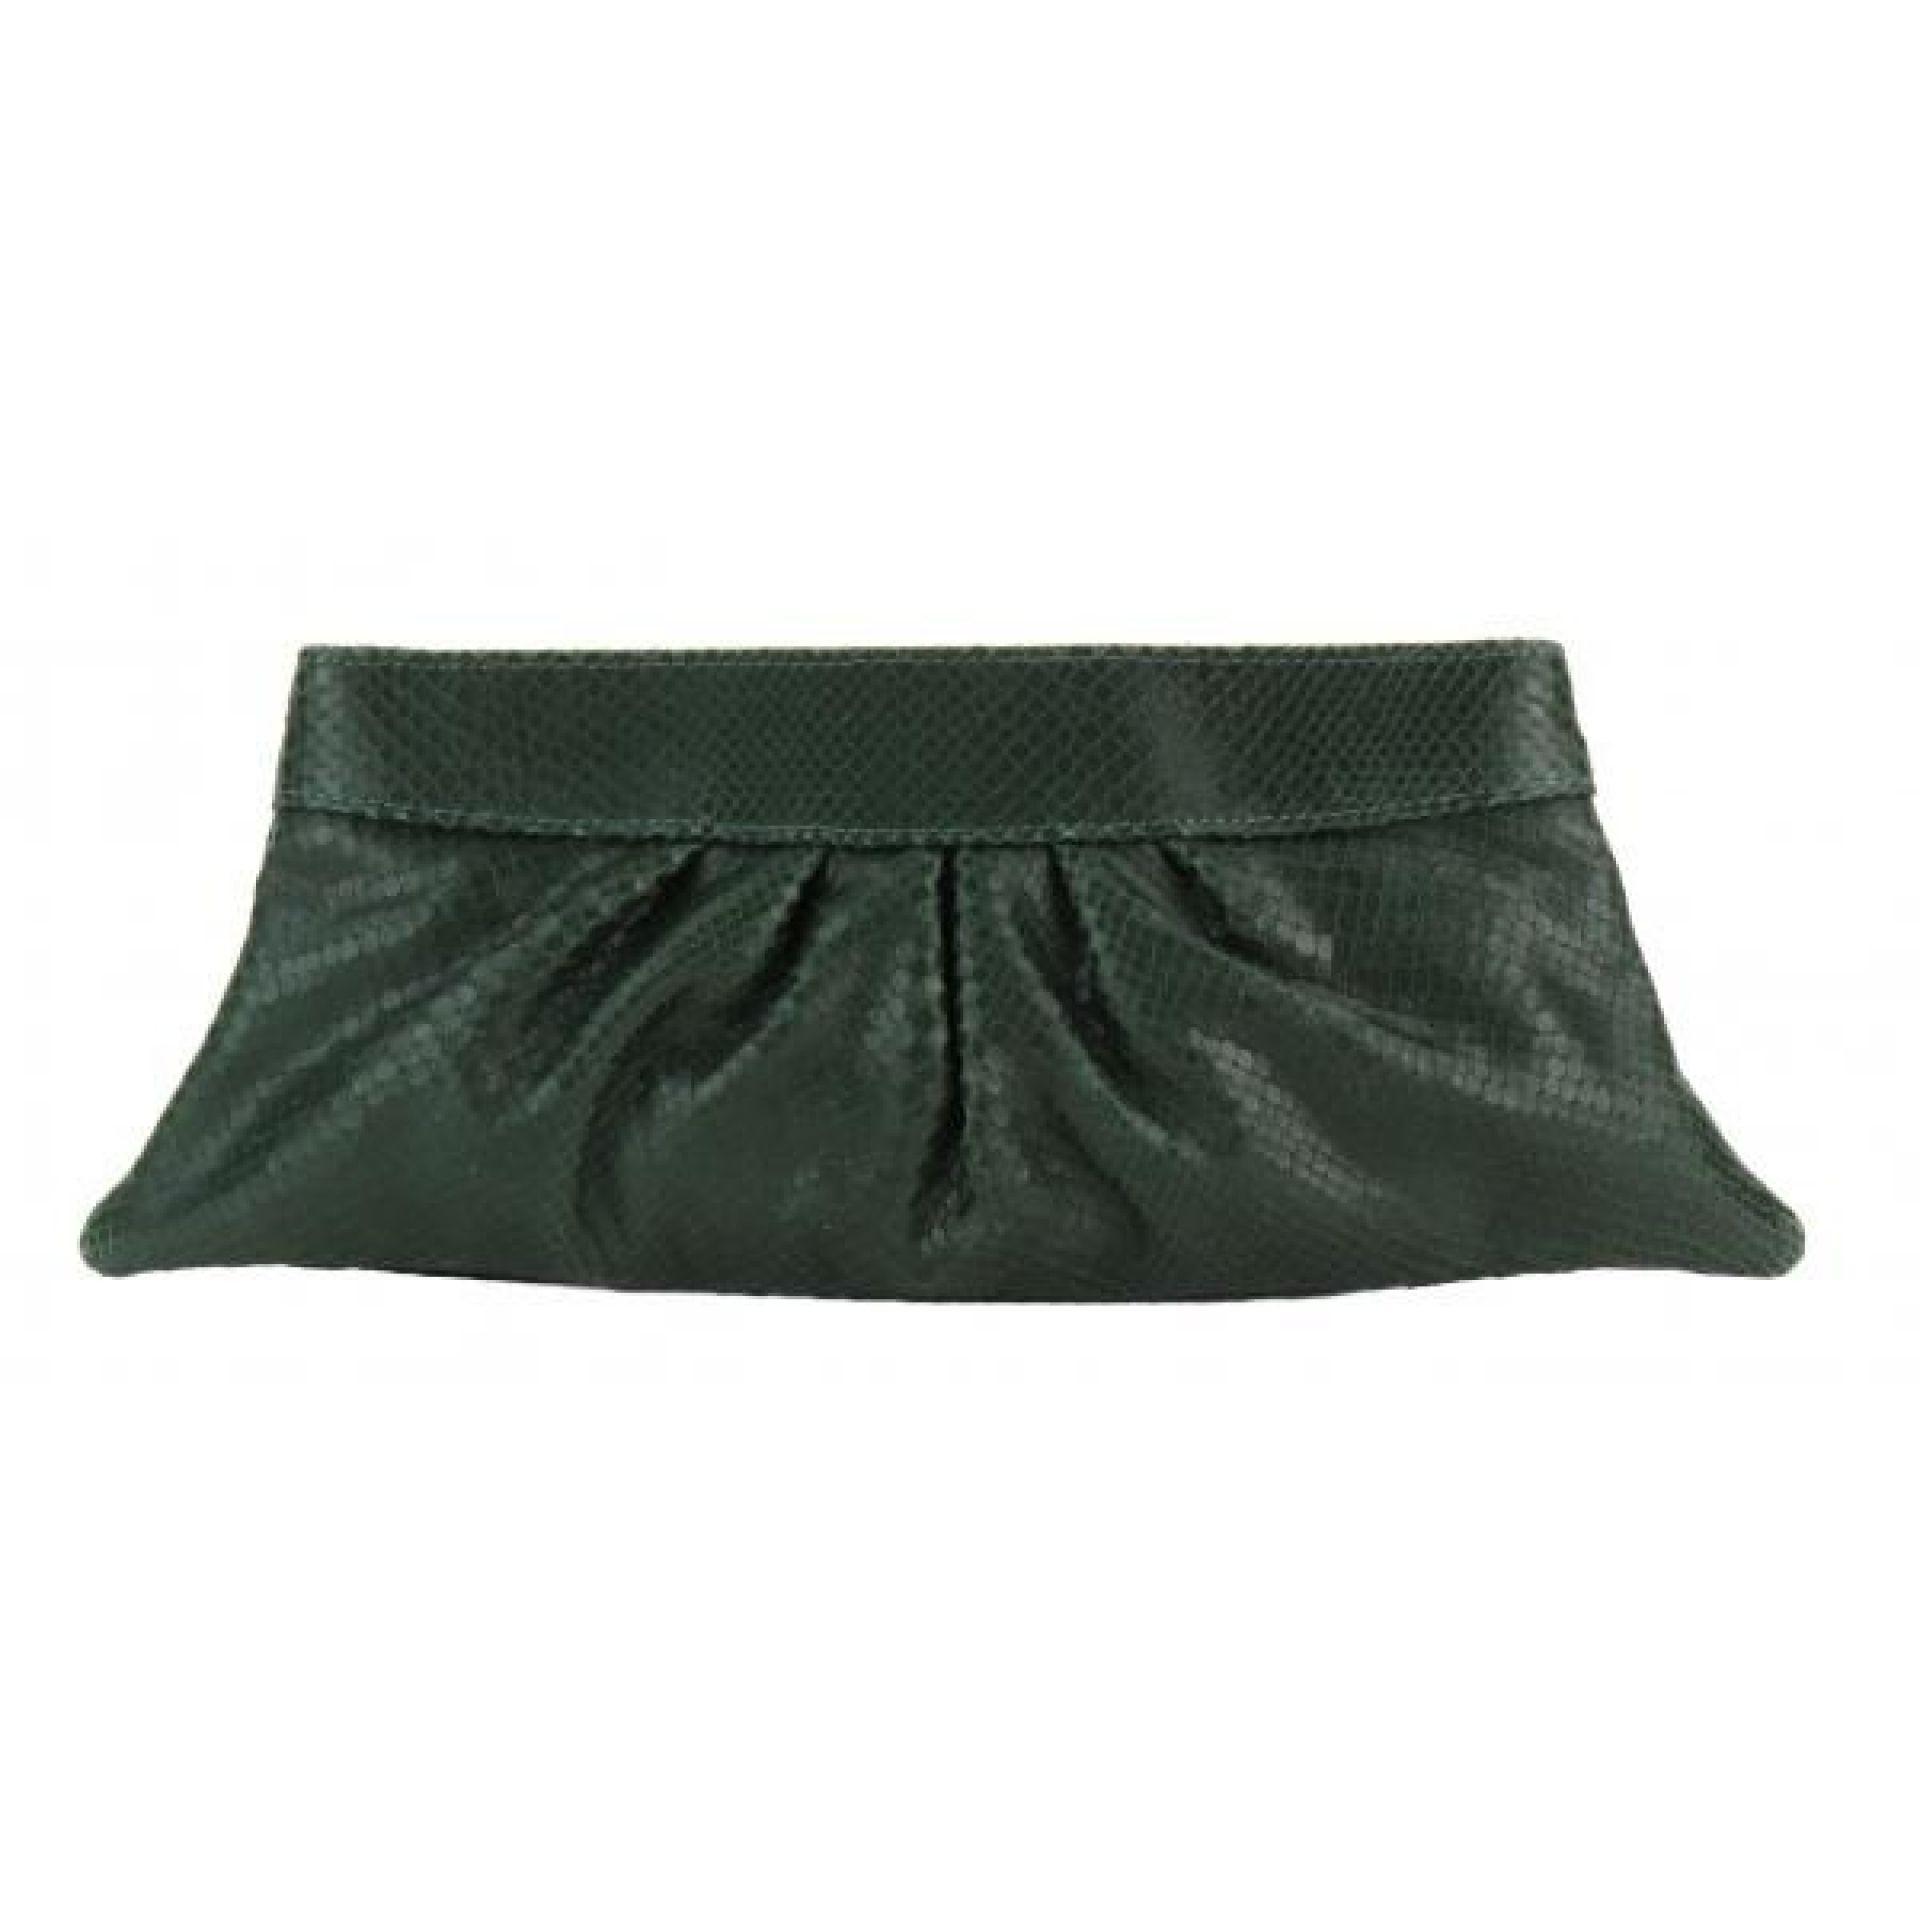 Lauren Merkin Green Snake Embossed Louise Pleated Clutch Bag